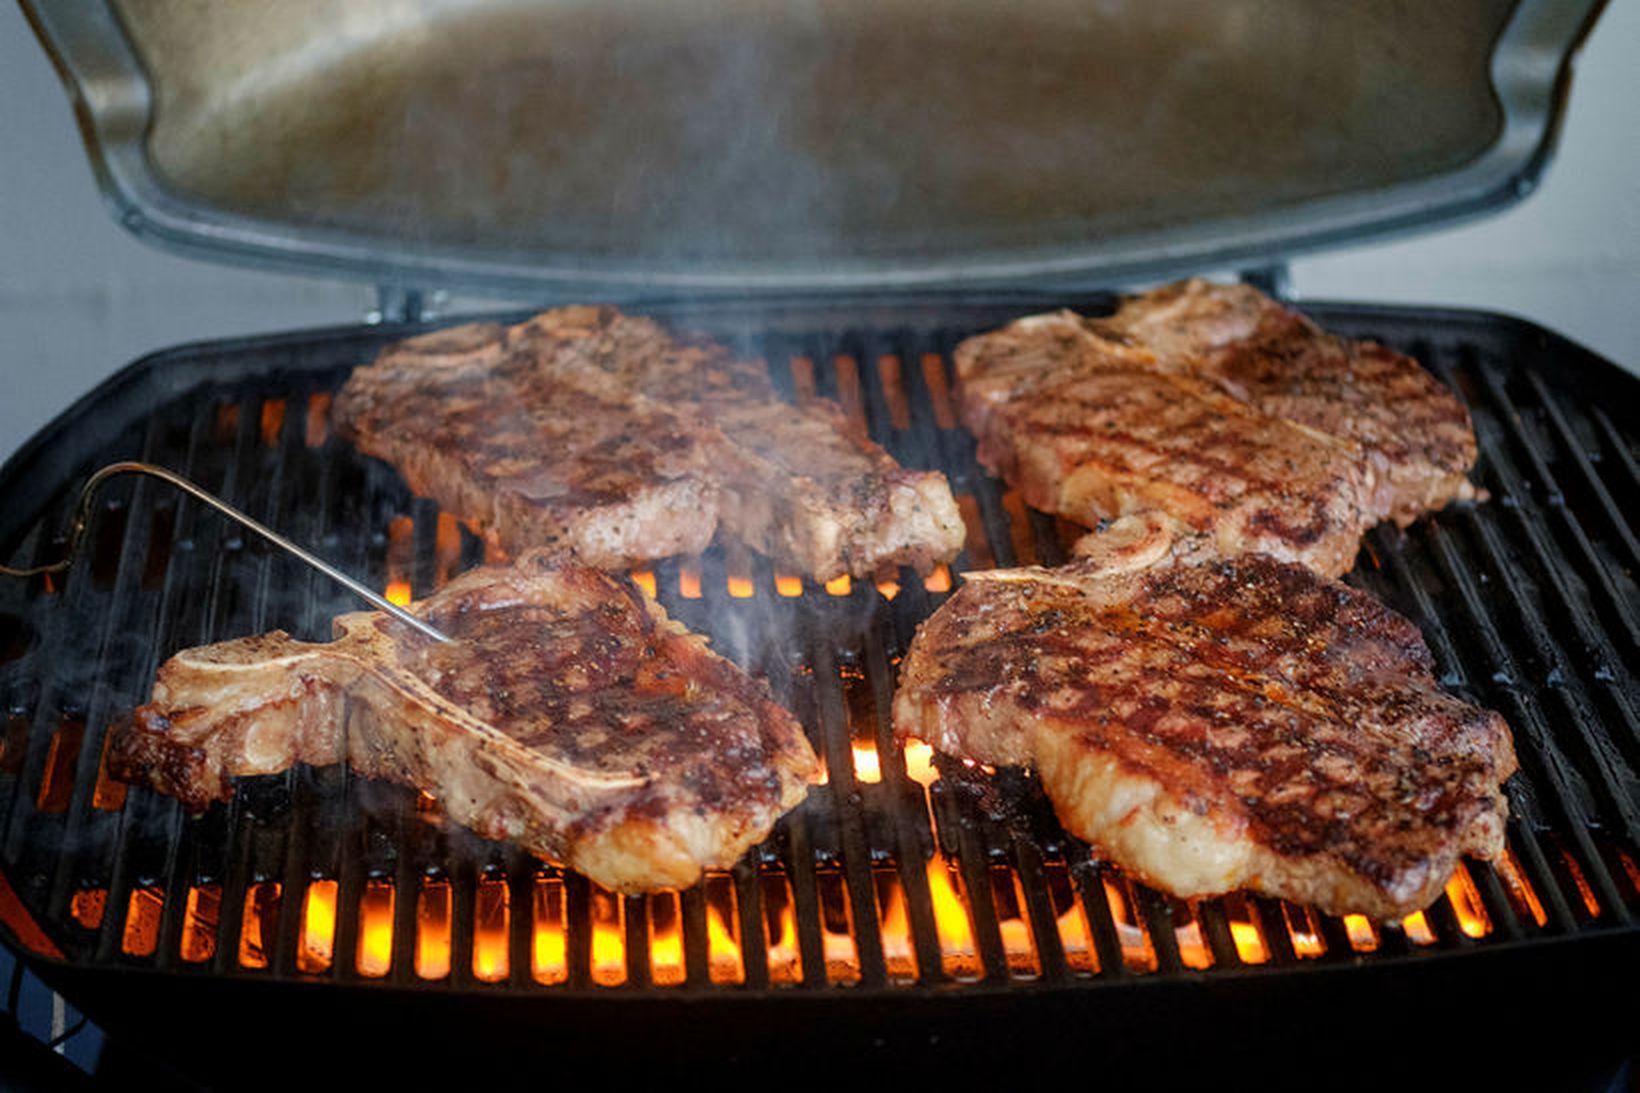 Þessar fallegu steikur slógu í gegn hjá vinkonunum.